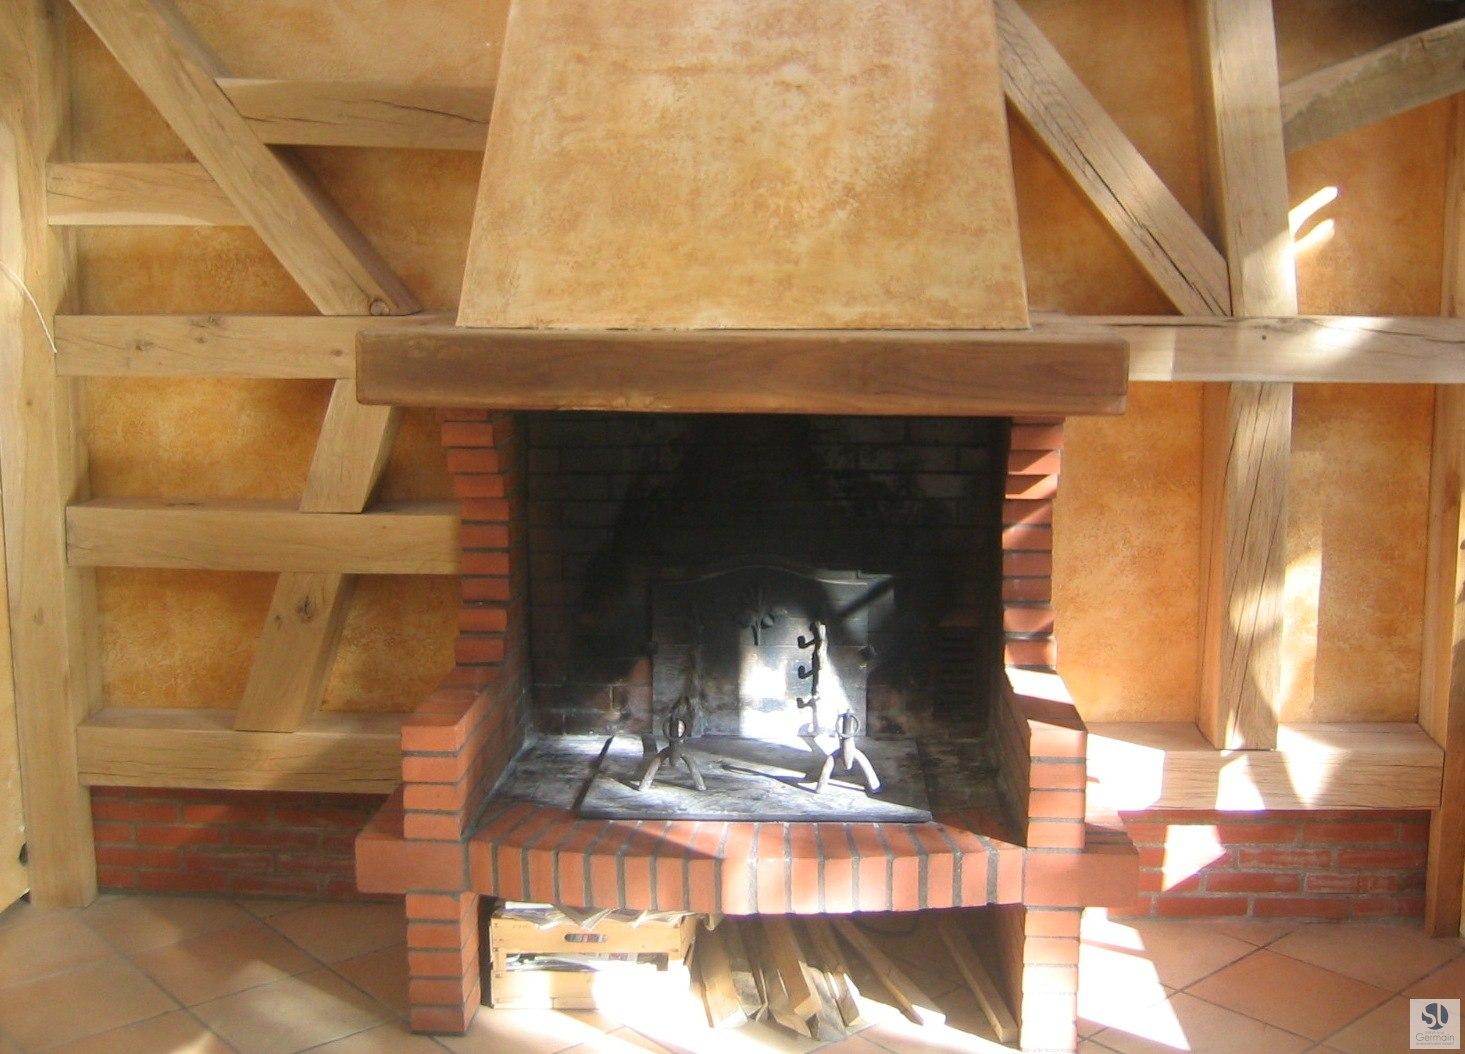 Habillage contour chemin e bois toulouse st phane germain - Habillage de cheminee exterieur ...